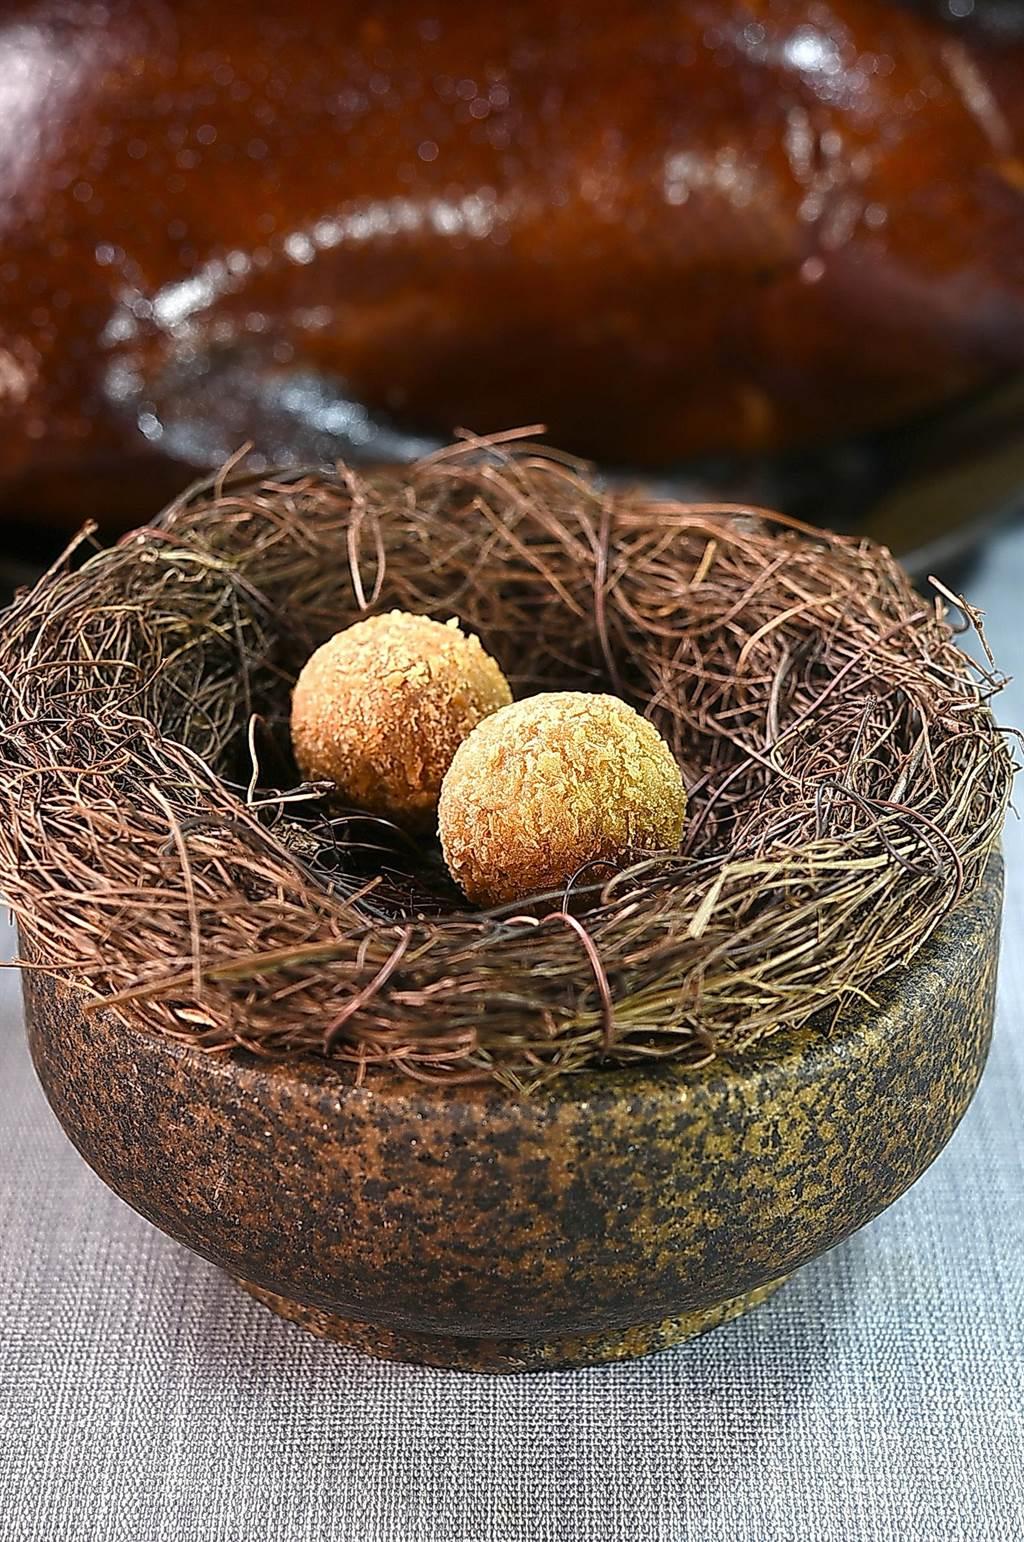 Nobu李信男烹製的〈熟成鵝〉,是以鵝腿肉搭配栗子泥作的炸肉球作為〈炙烤鵝胸〉的邊菜。(圖/姚舜)